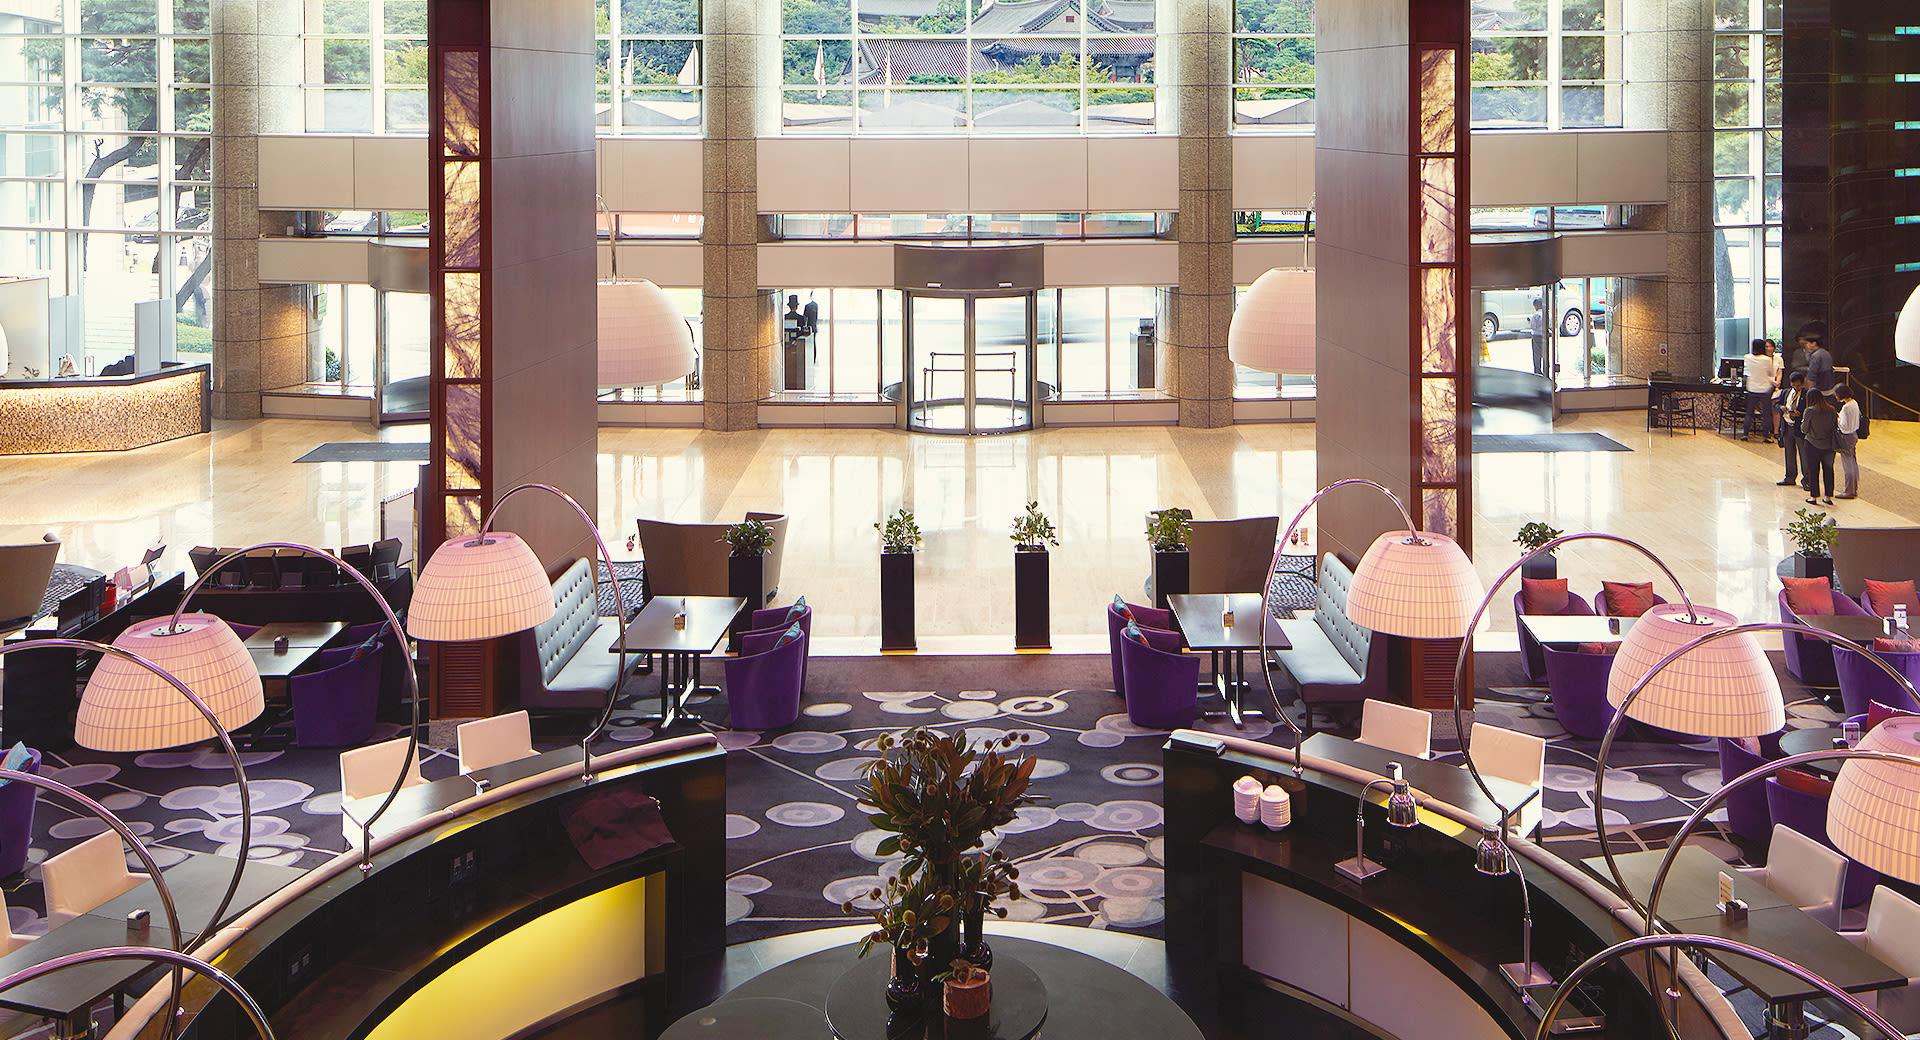 首爾COEX洲際酒店大廳一景。(圖片取自首爾COEX洲際酒店官網)